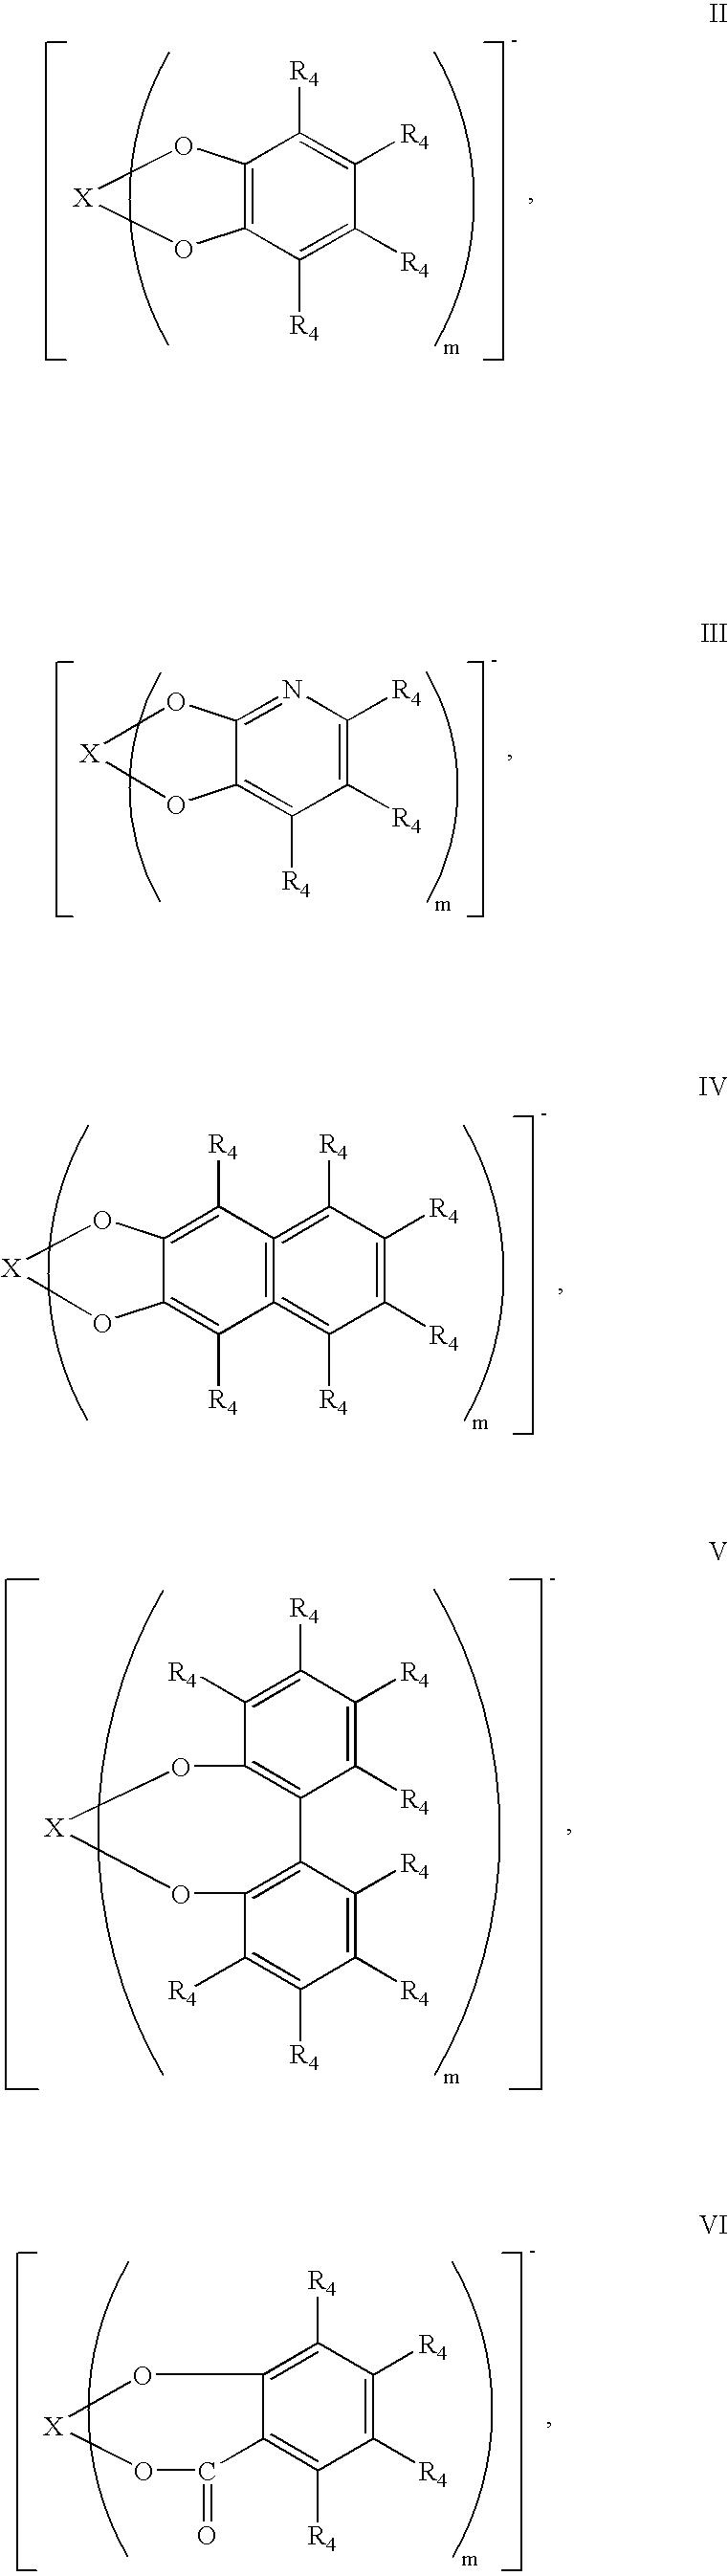 Figure US20040007693A1-20040115-C00006